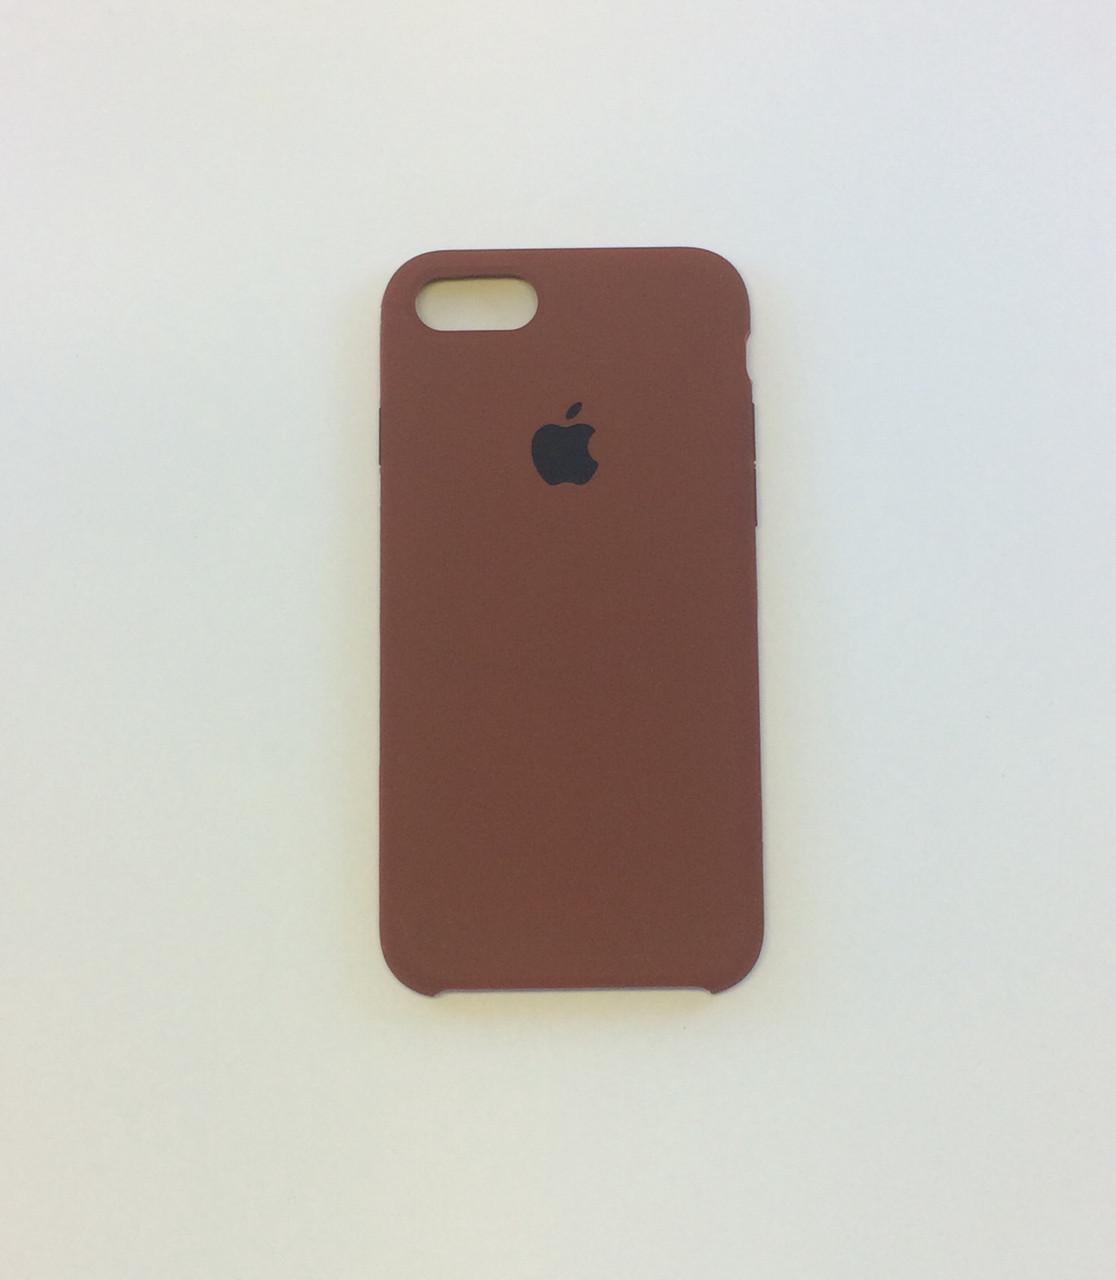 Силиконовый чехол для iPhone 7, - «шоколад» №47 - copy original